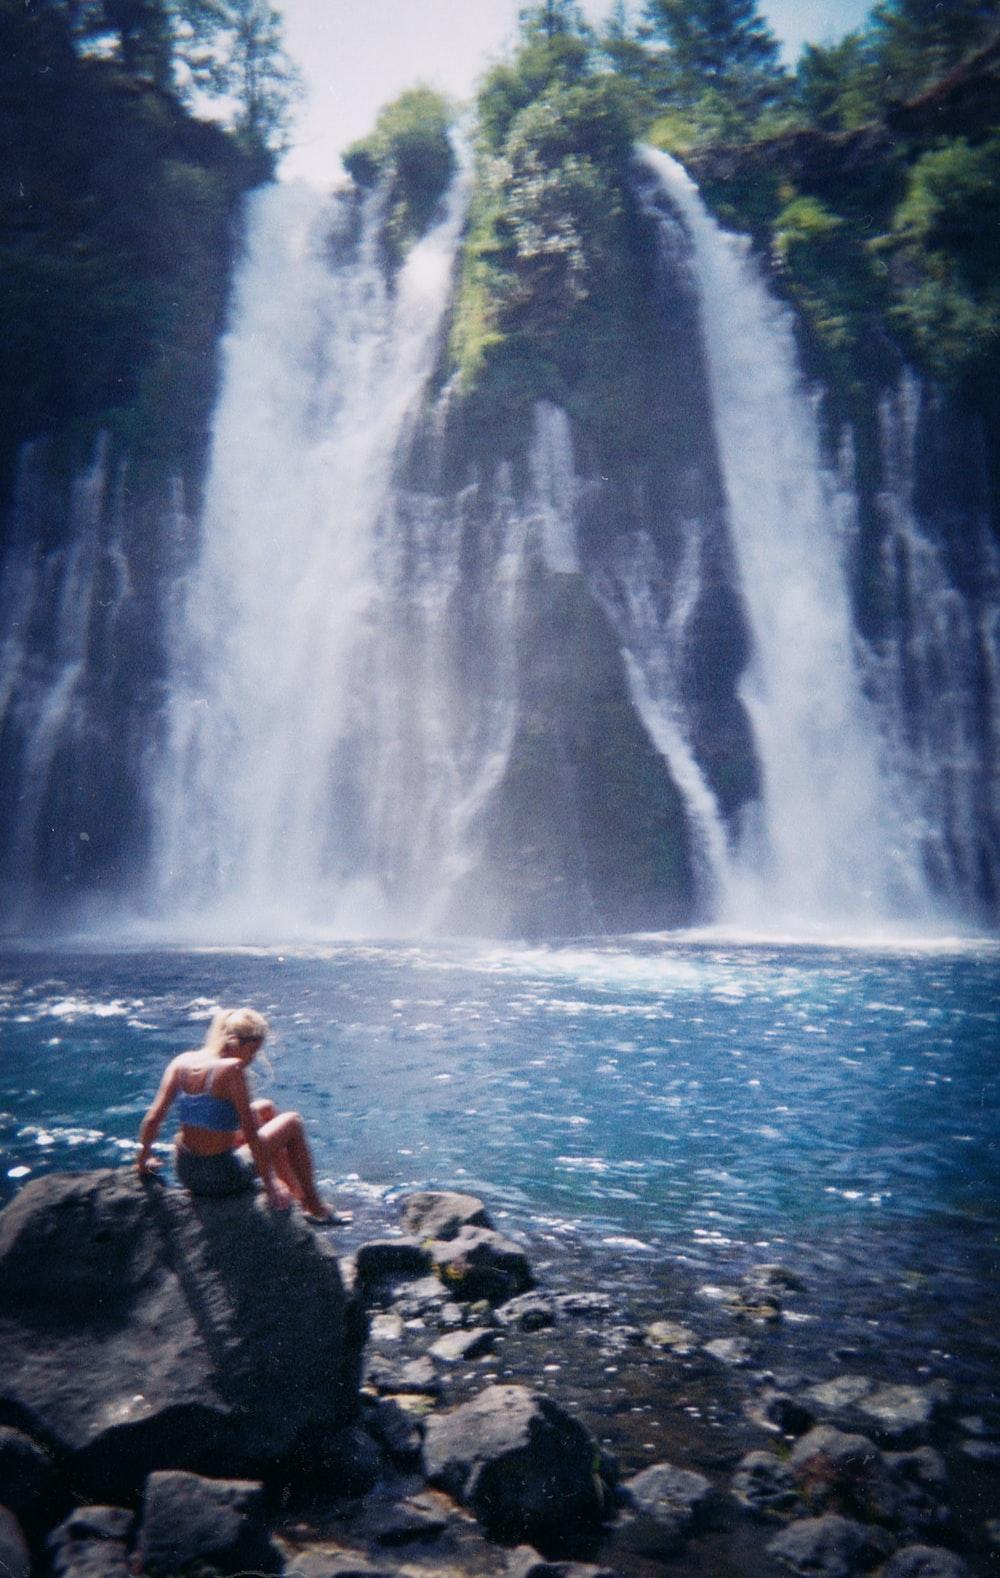 woman in black bikini sitting on rock near waterfalls during daytime